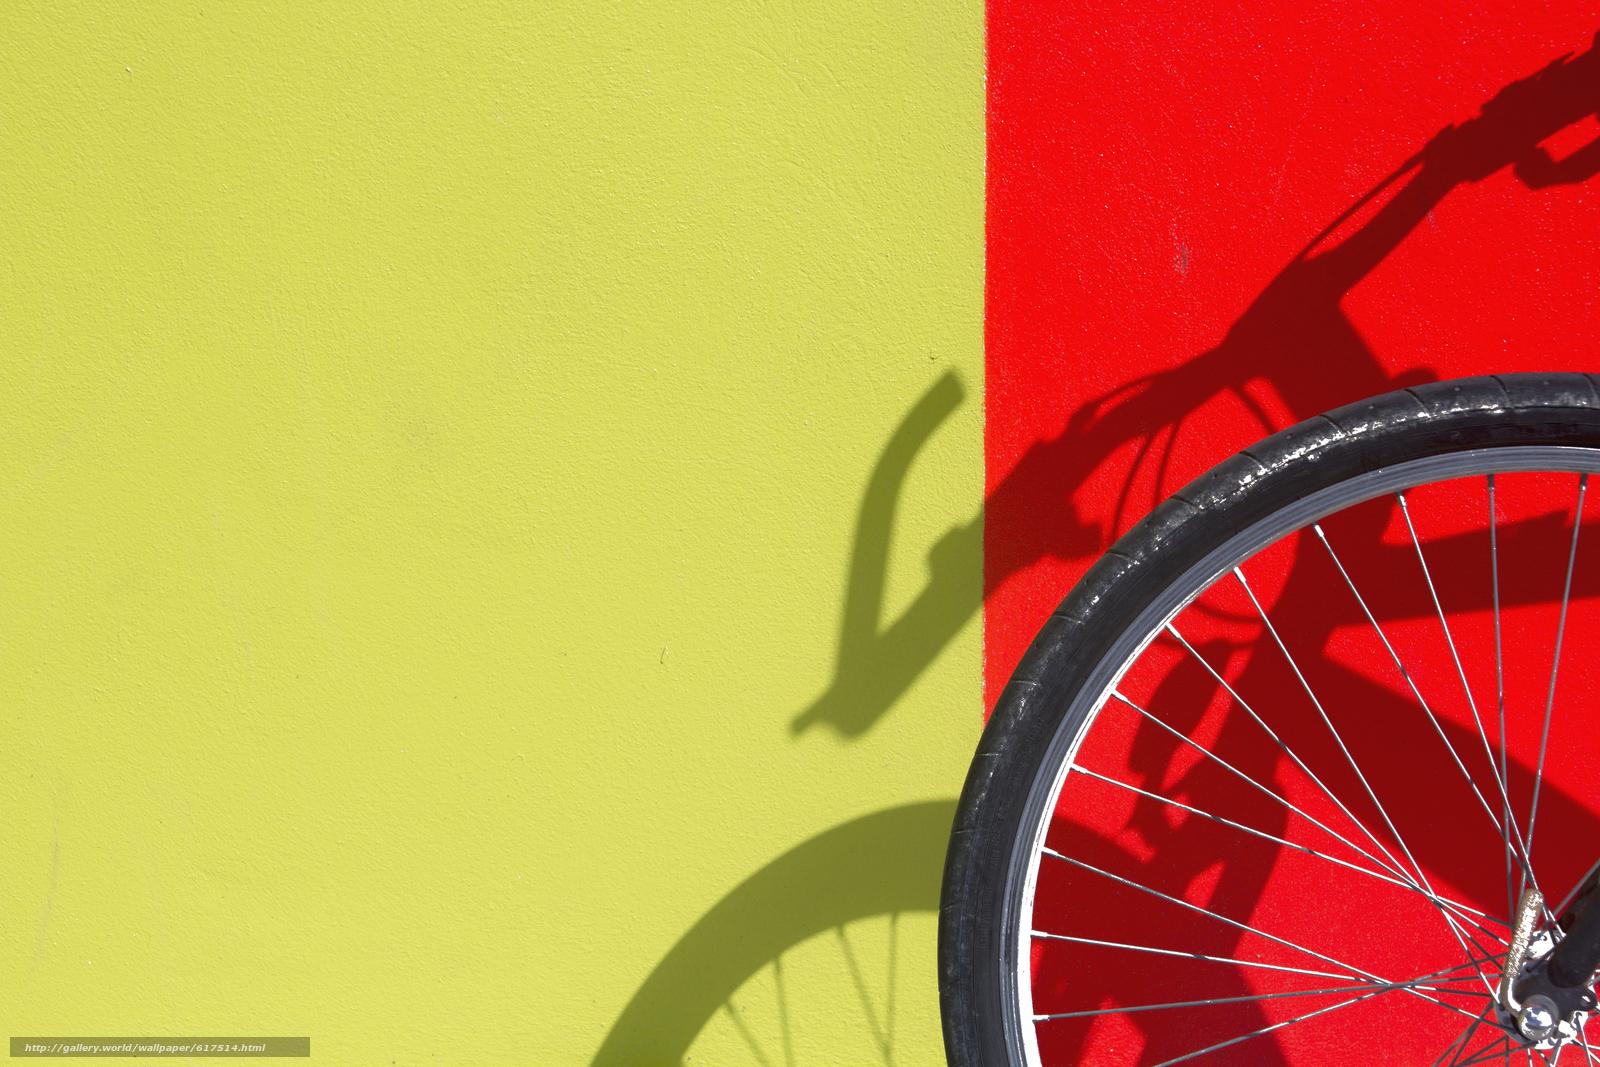 стена, жёлтый, красный, тень, велосипед, колесо